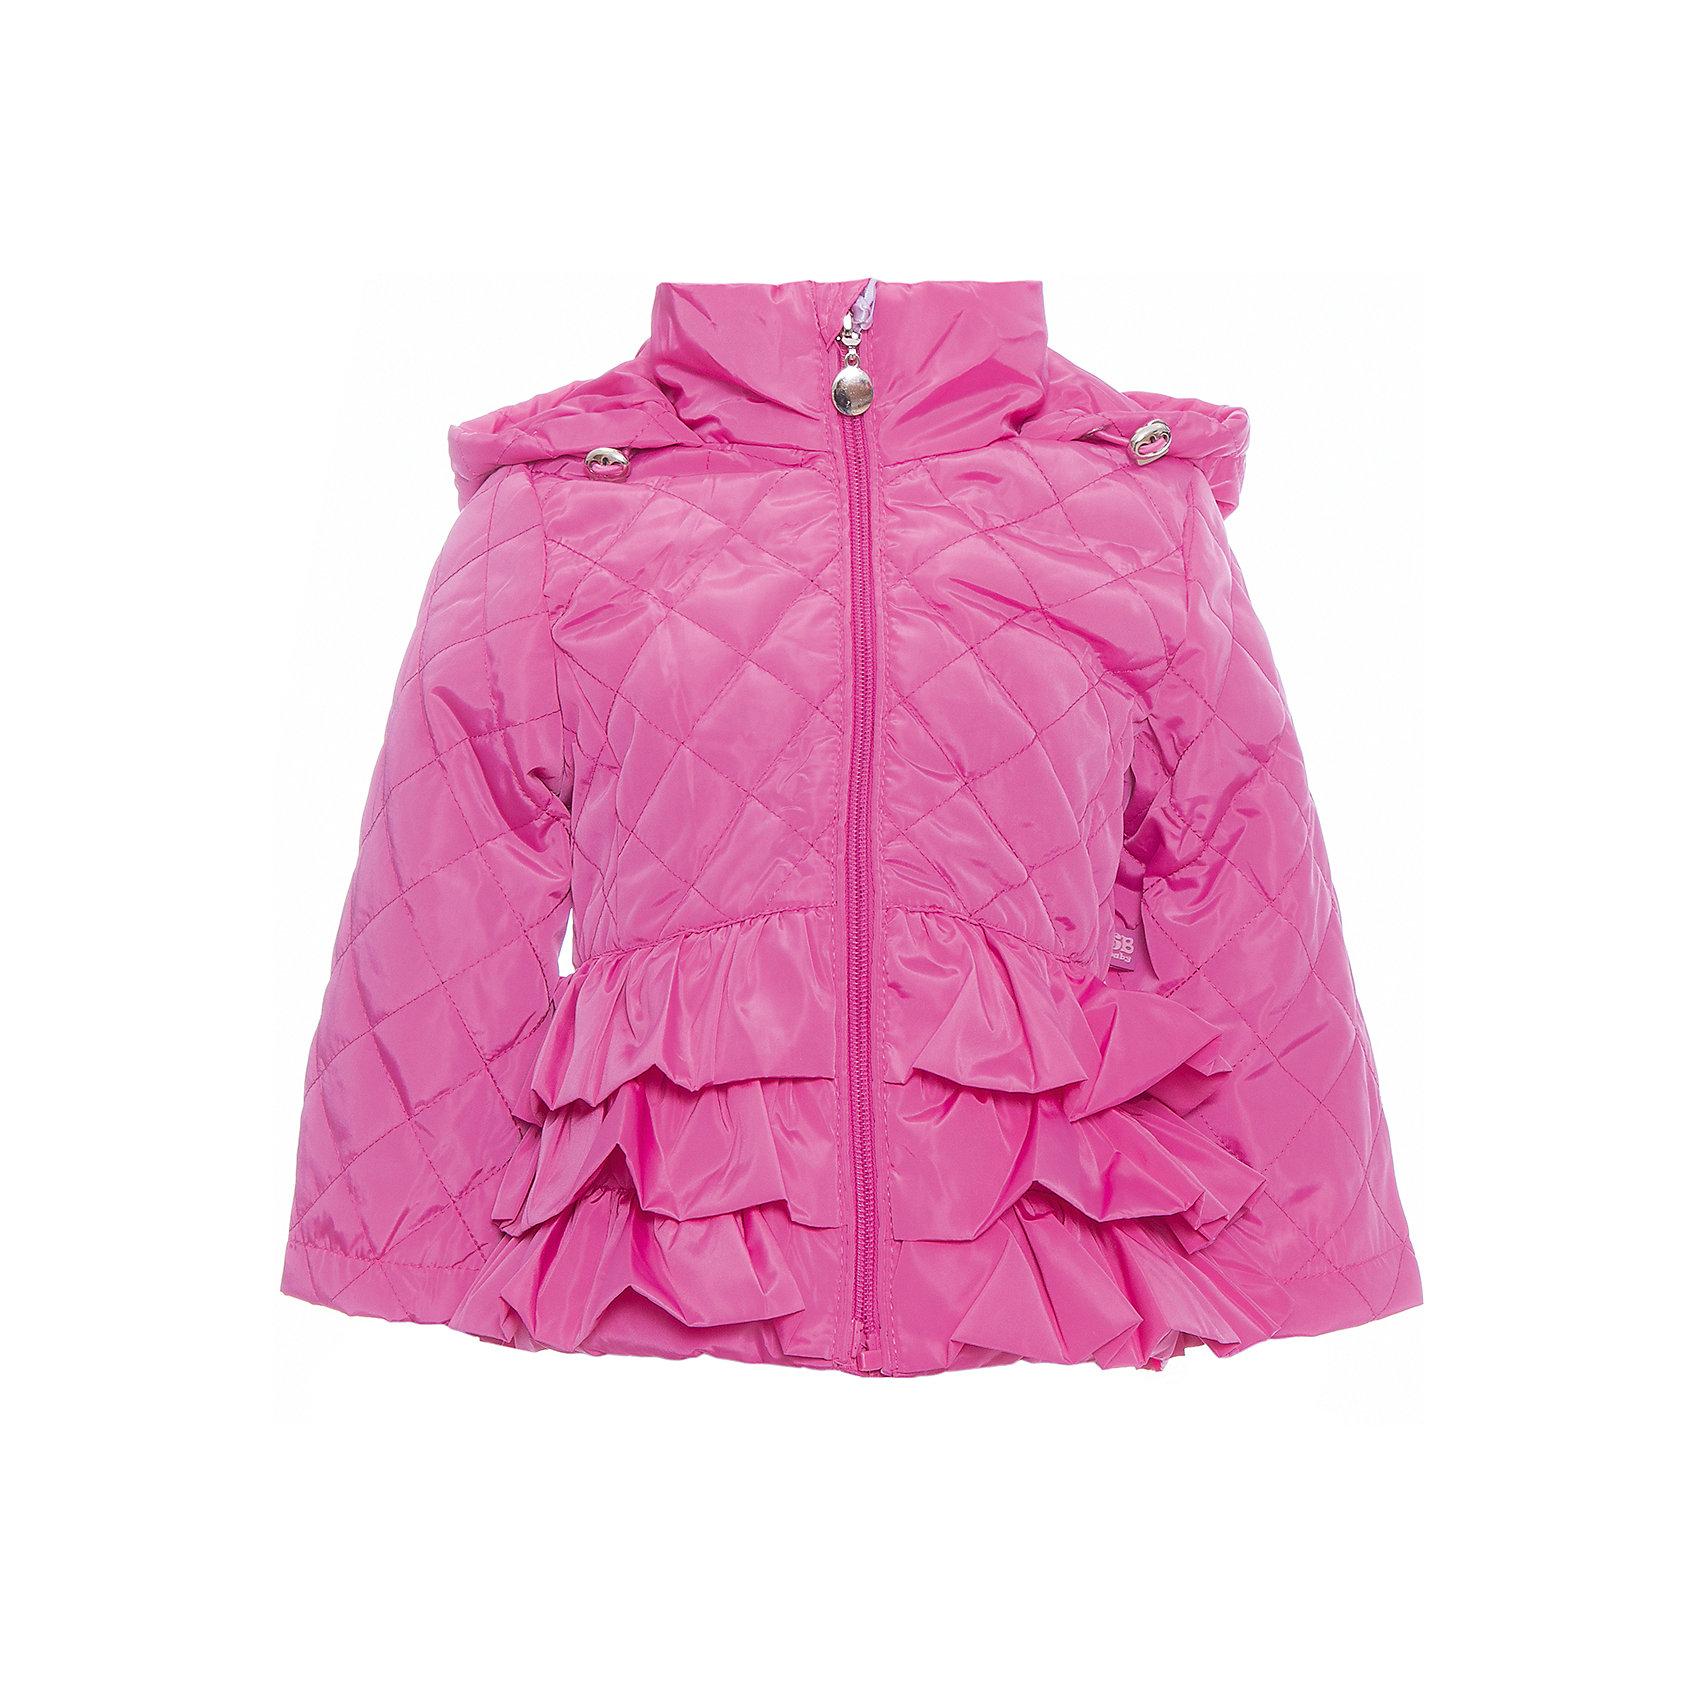 Куртка для девочки Sweet BerryВерхняя одежда<br>Стильная, стеганая куртка для девочки. Застегивается на молнию.  Капюшон с дополнительной утяжкой. Низ куртки декорирован объемными воланами.<br>Состав:<br>Верх: 100%полиэстер. Подкладка: 65%хлопок 35%полиэстер. Наполнитель: 100%полиэстер<br><br>Ширина мм: 356<br>Глубина мм: 10<br>Высота мм: 245<br>Вес г: 519<br>Цвет: фиолетовый<br>Возраст от месяцев: 12<br>Возраст до месяцев: 15<br>Пол: Женский<br>Возраст: Детский<br>Размер: 80,86,92,98<br>SKU: 5411222